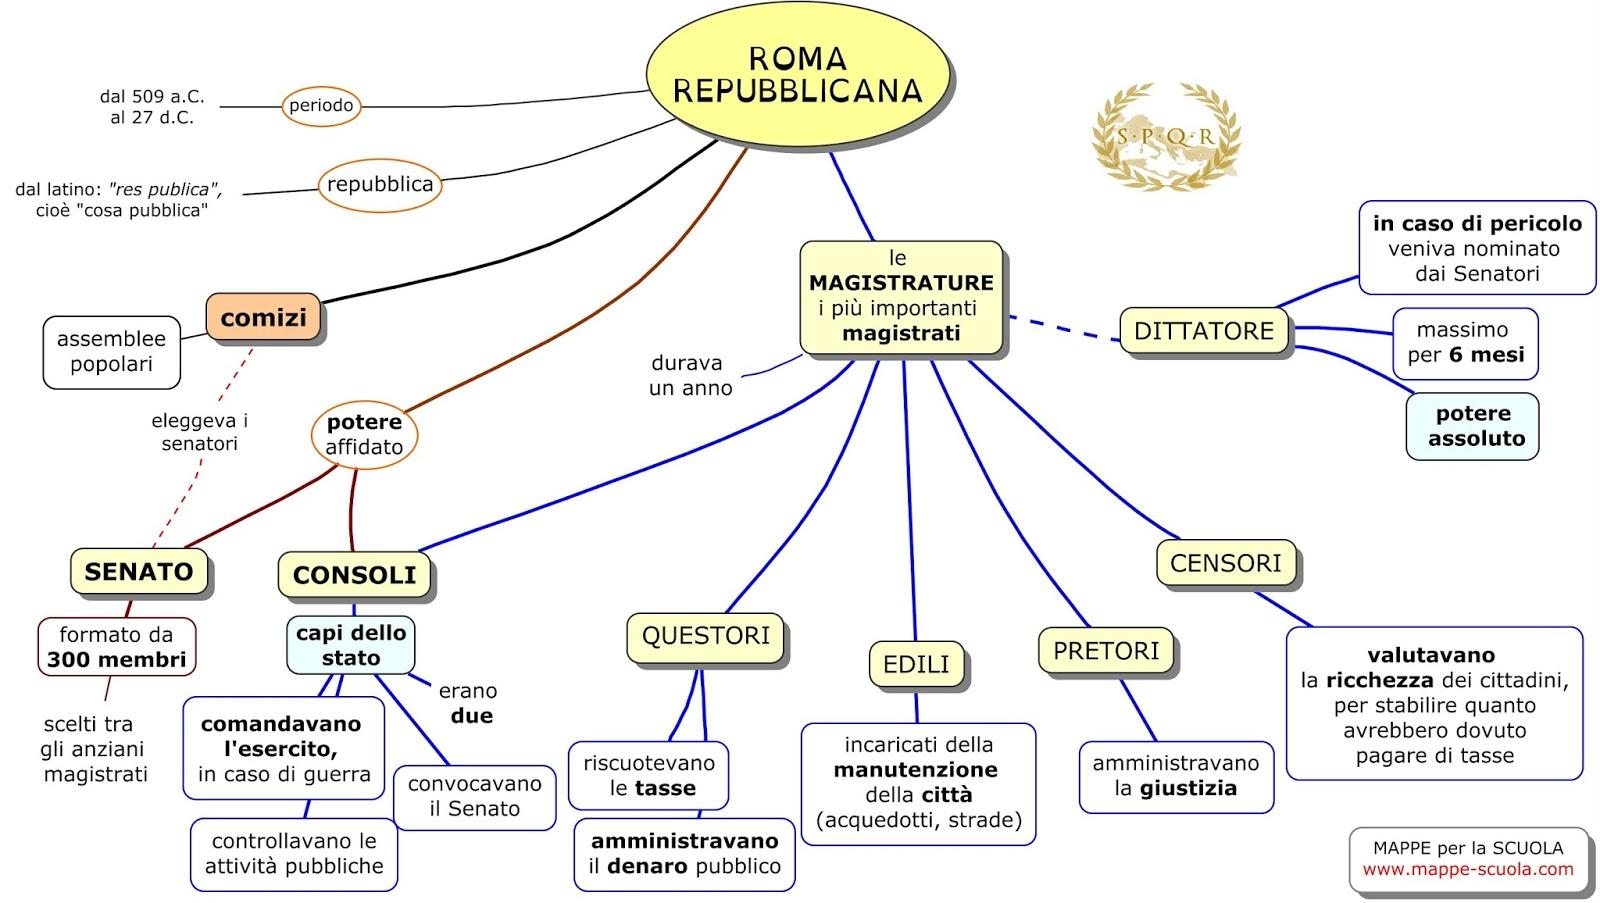 spesso MAPPE per la SCUOLA: ROMA REPUBBLICANA HK15